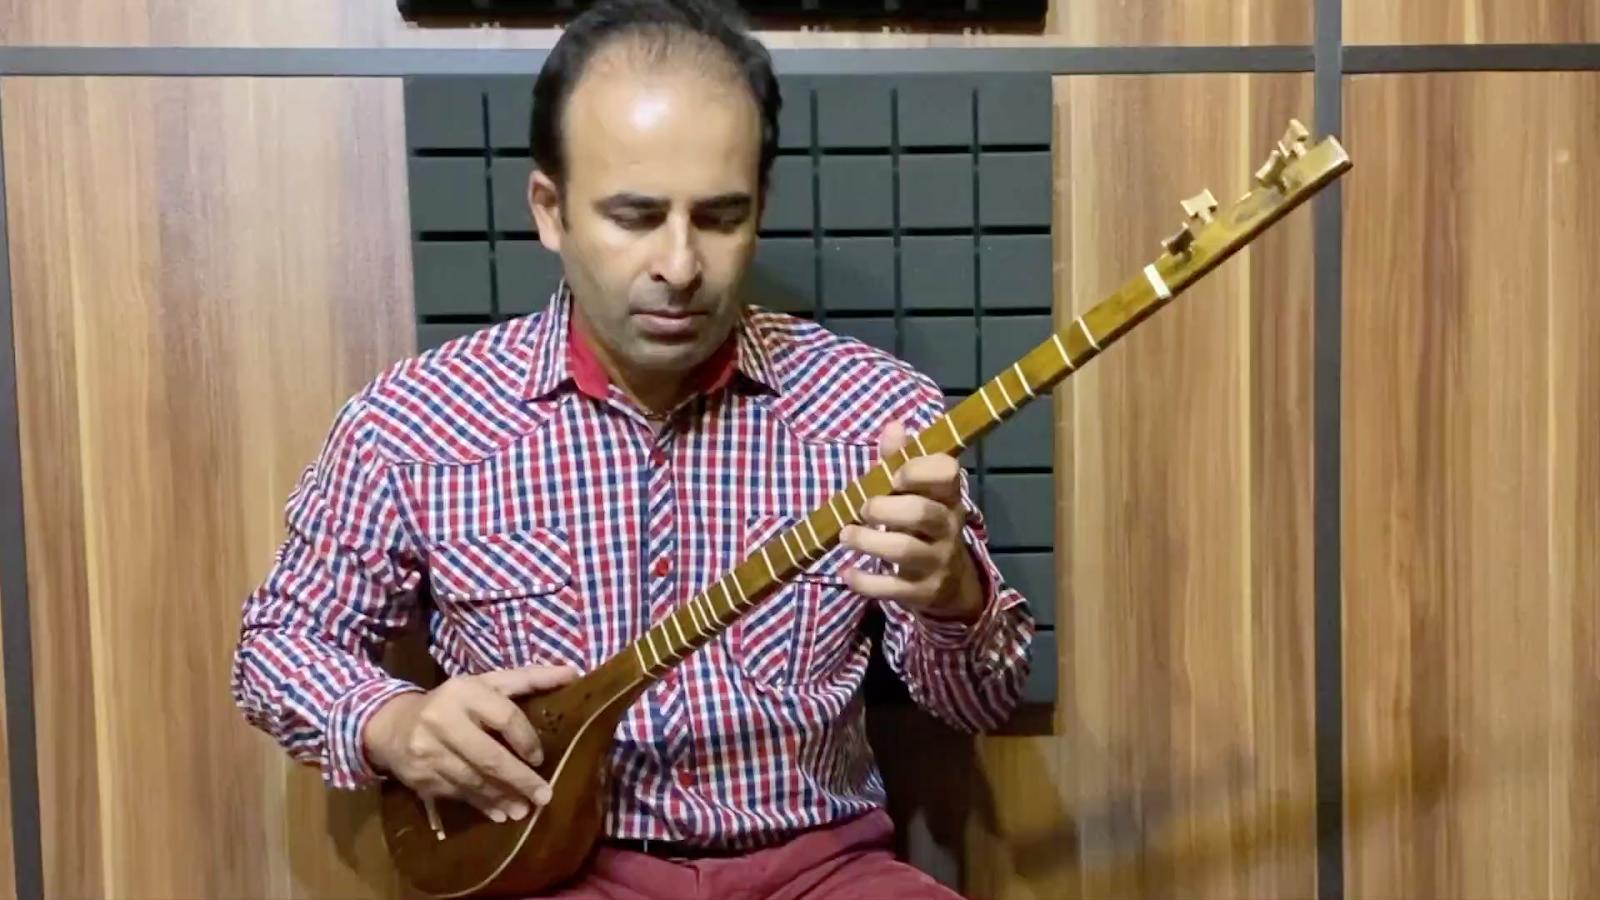 رقص چوبی ابوالحسن صبا نیما فریدونی سهتار